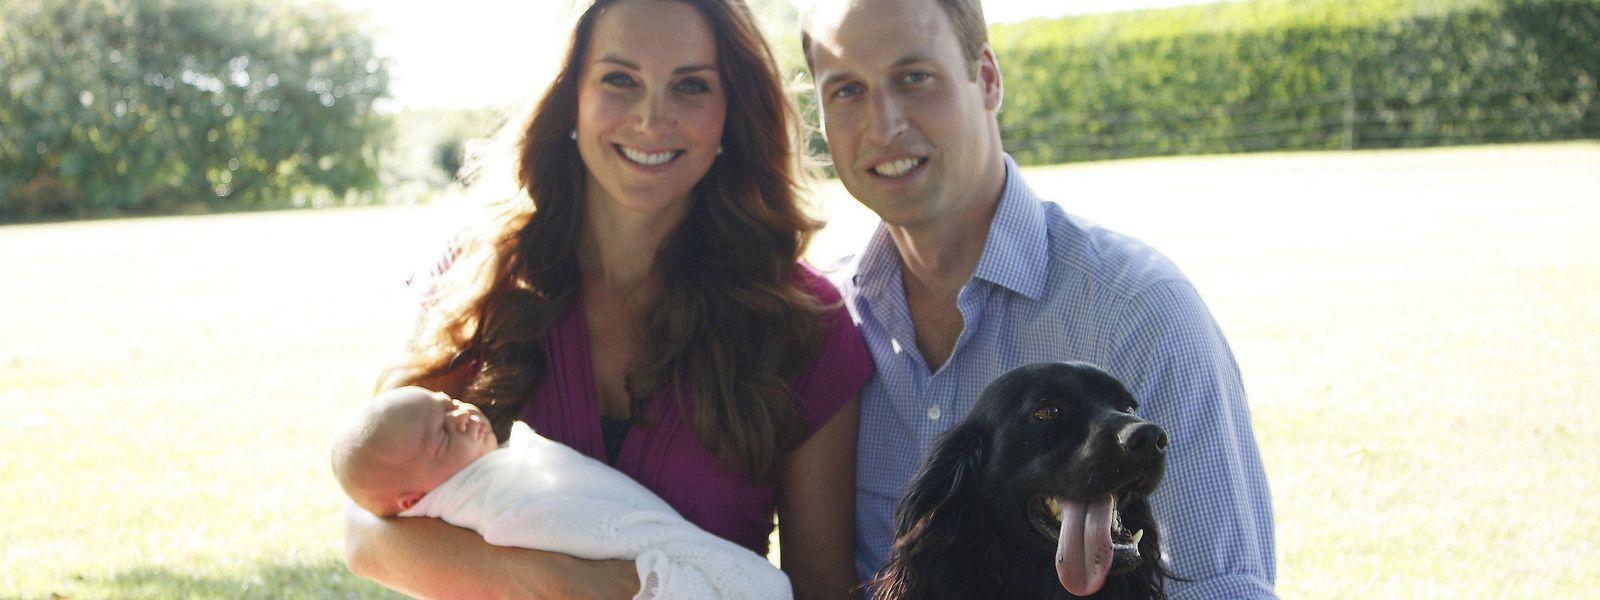 Das Foto, das vom Vater von Herzogin Kate Anfang August 2013 aufgenommen wurde, zeigt William und Kate mit ihrem Sohn Prinz George im Garten des Hauses der Familie Middleton in Bucklebury, umgeben von Retriever Tilly und Cockerspaniel Lupo.